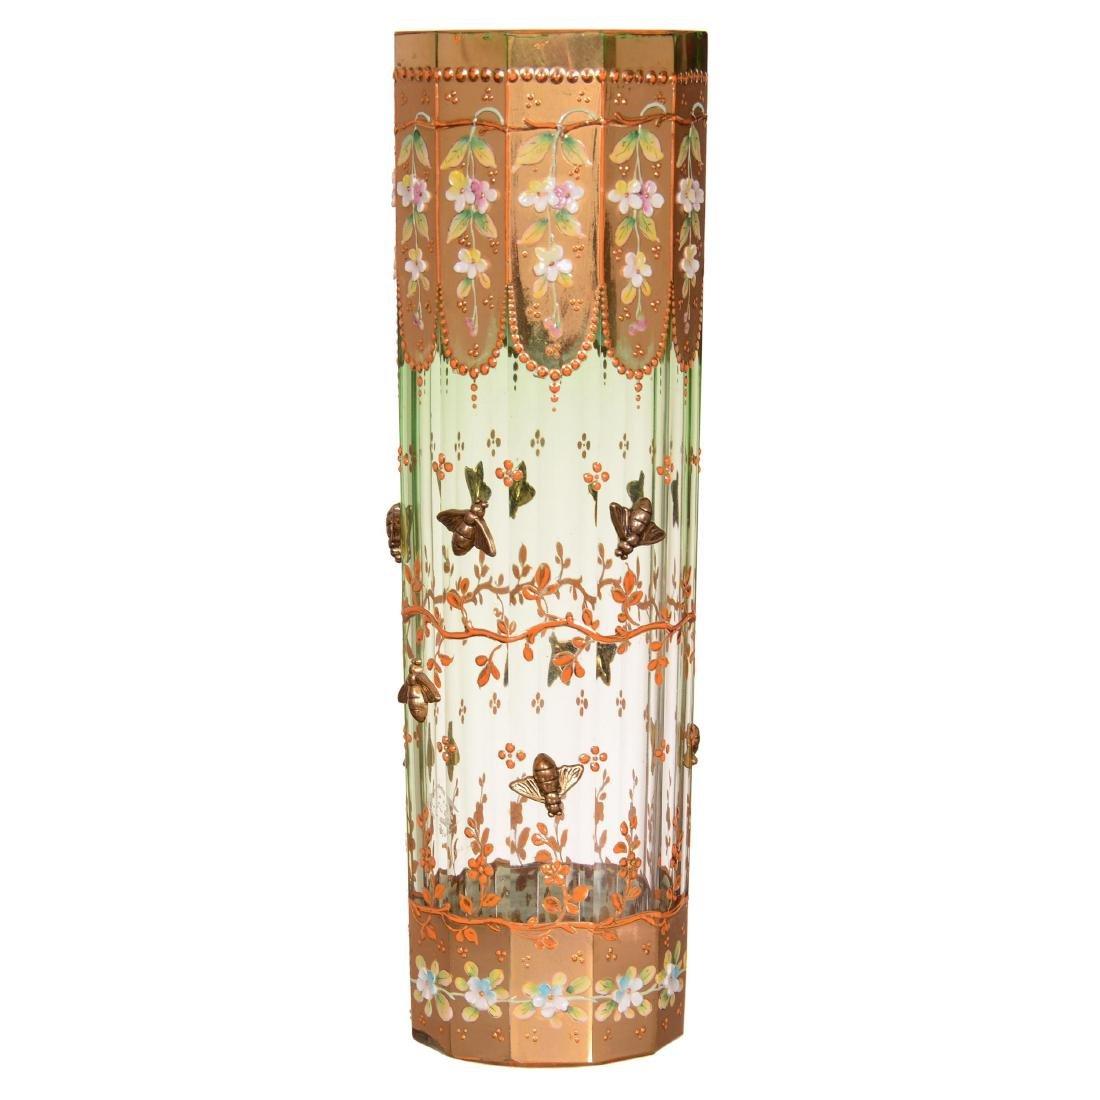 Moser Style Art Glass Vase